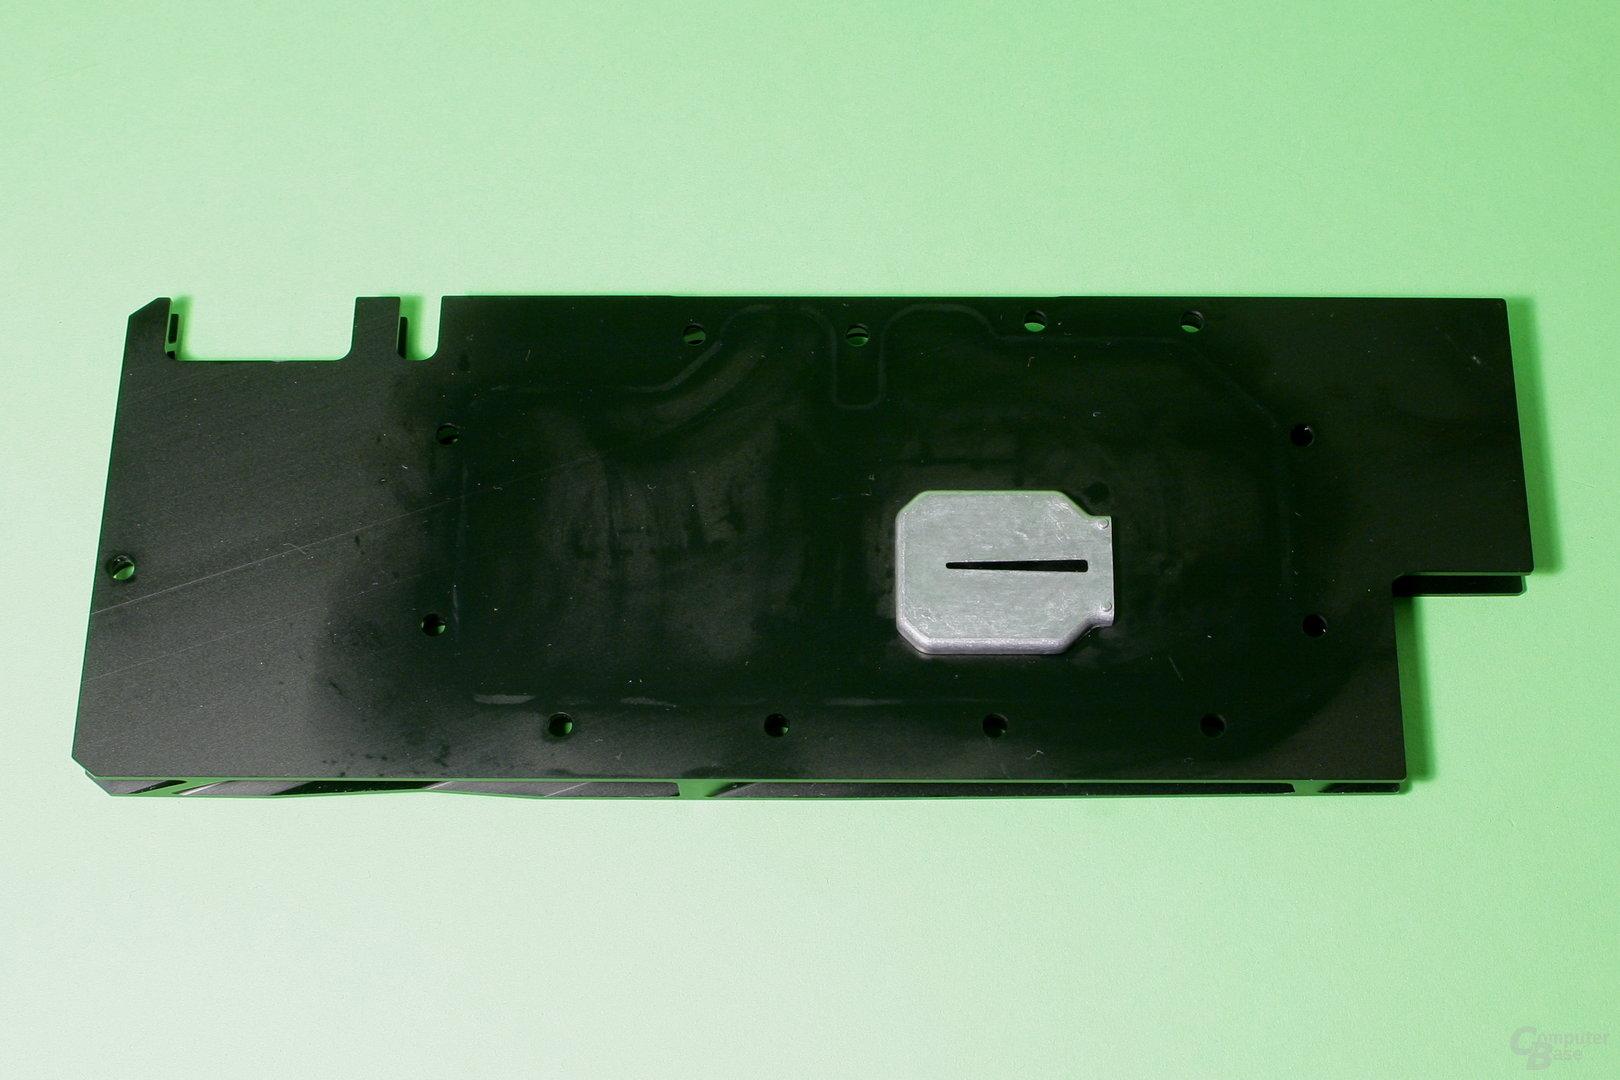 EK Fluid Gaming: An der Abdeckung des Kühlers ist eine Düsenplatte befestigt